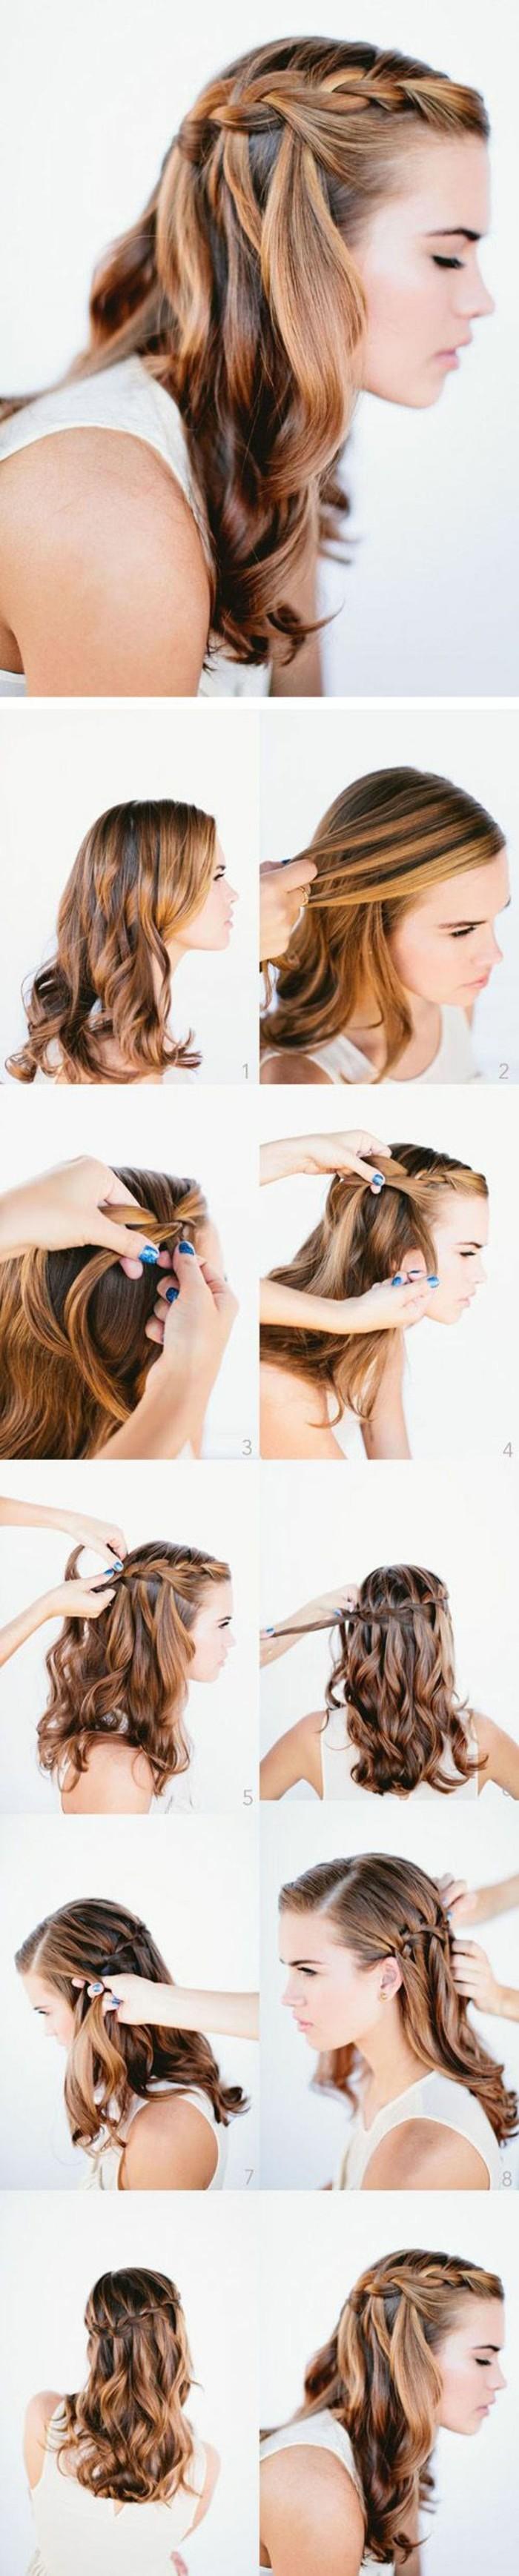 Quelle coiffure de soir e choisir 50 id es styl s et faciles faire - Idee pour une soiree ...